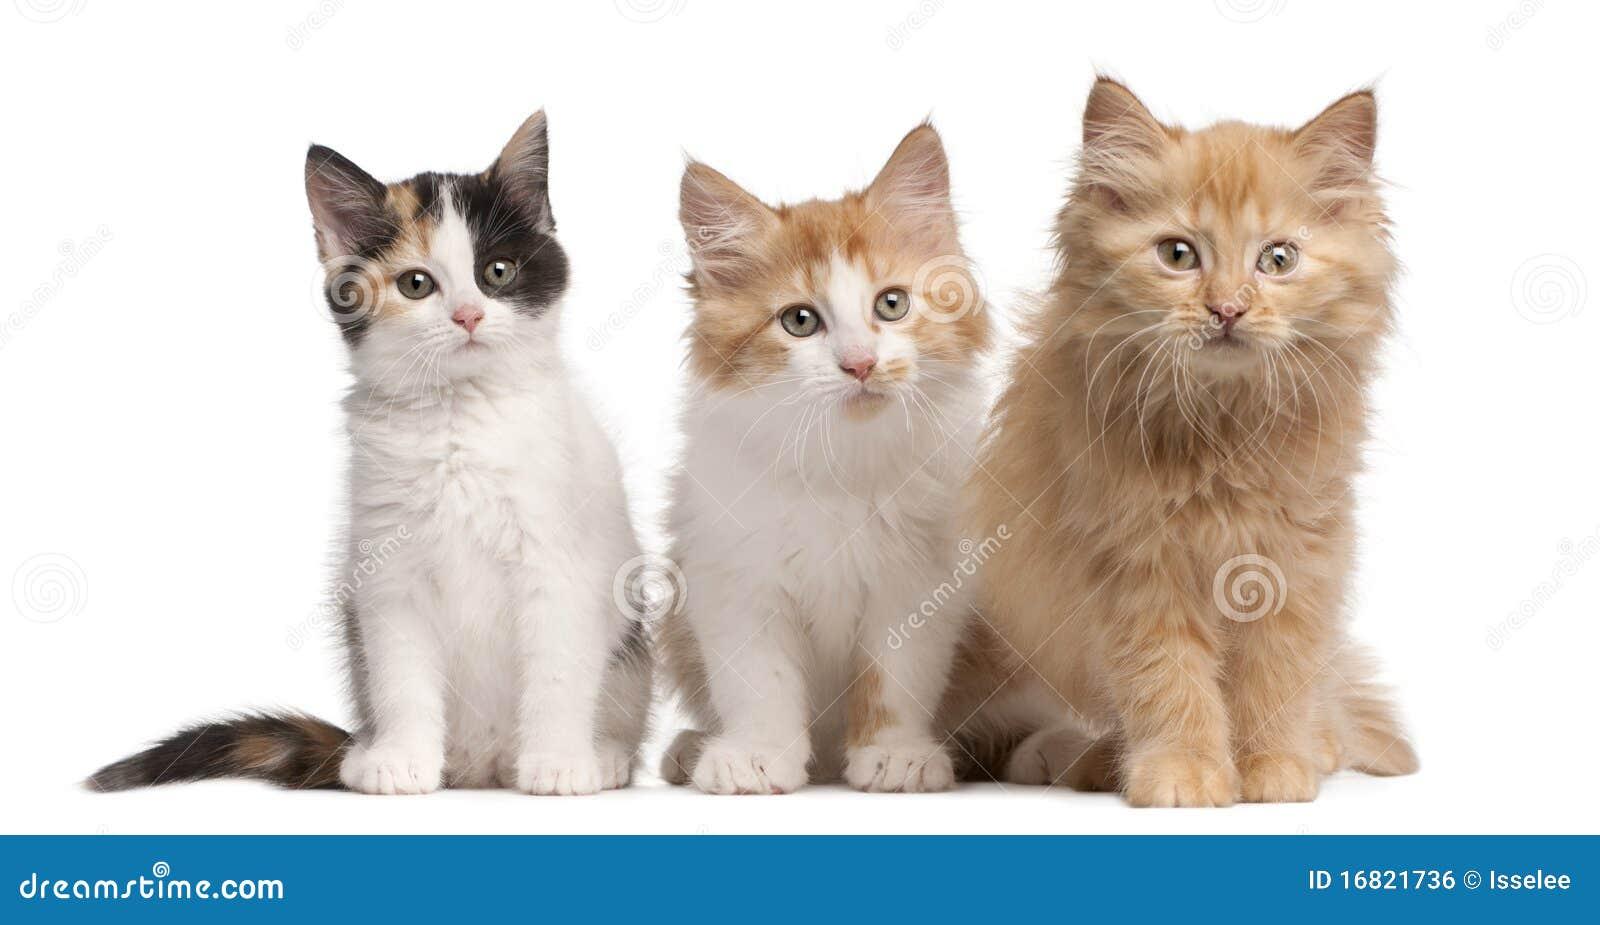 European Shorthair Kittens 10 Weeks Old Royalty Free Stock Image